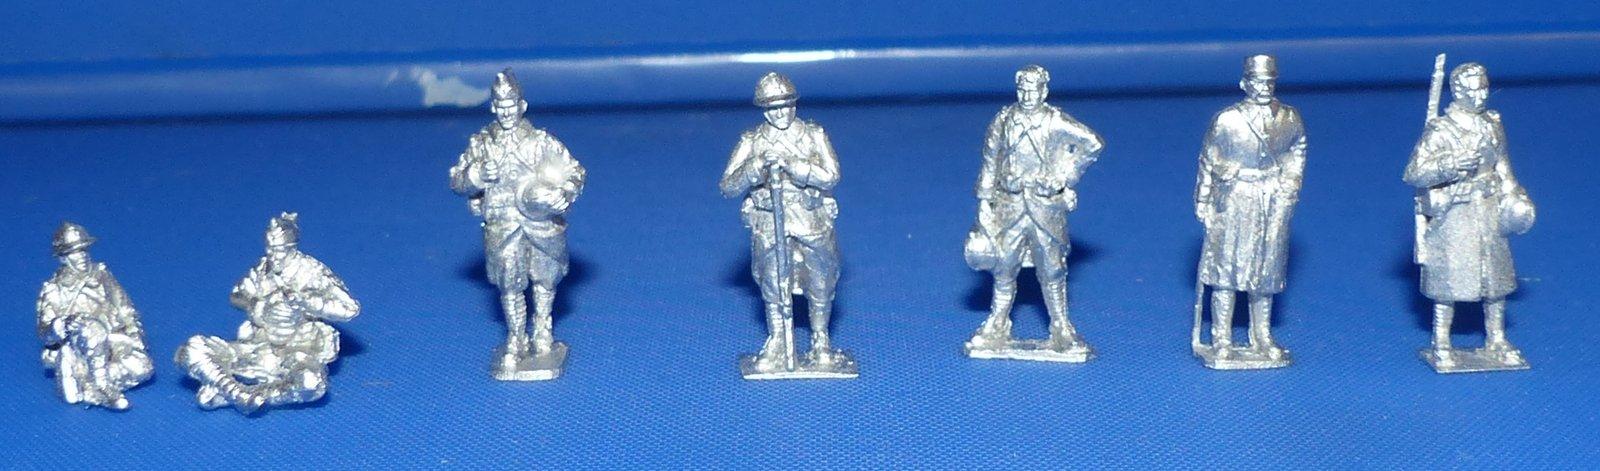 soldats français au repos, au travail  lesarméesoubliées 1/72 210706055125292092